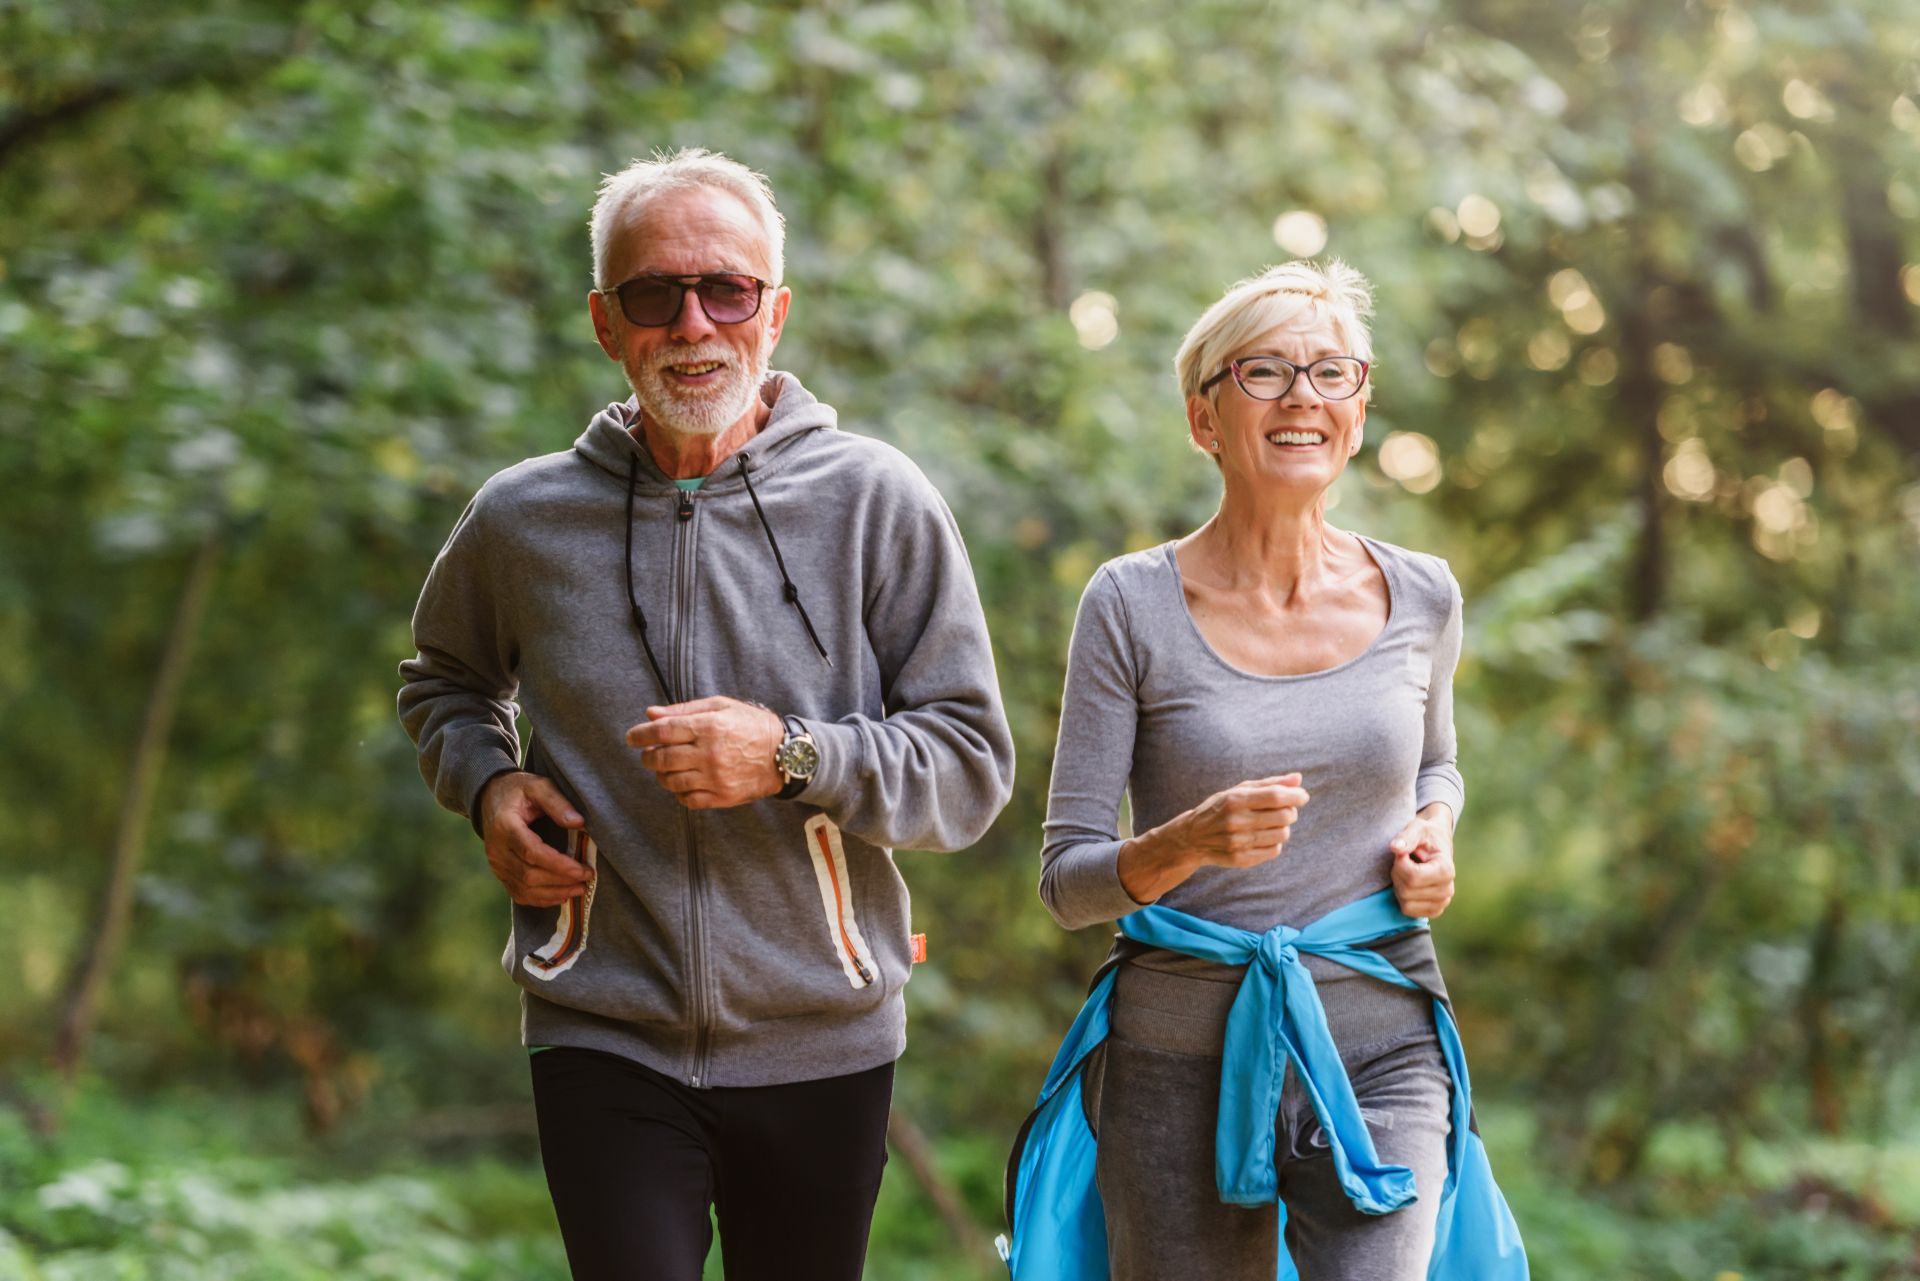 Umiarkowana aktywność fizyczna wzmacnia odporność organizmu i chroni przed infekcjami